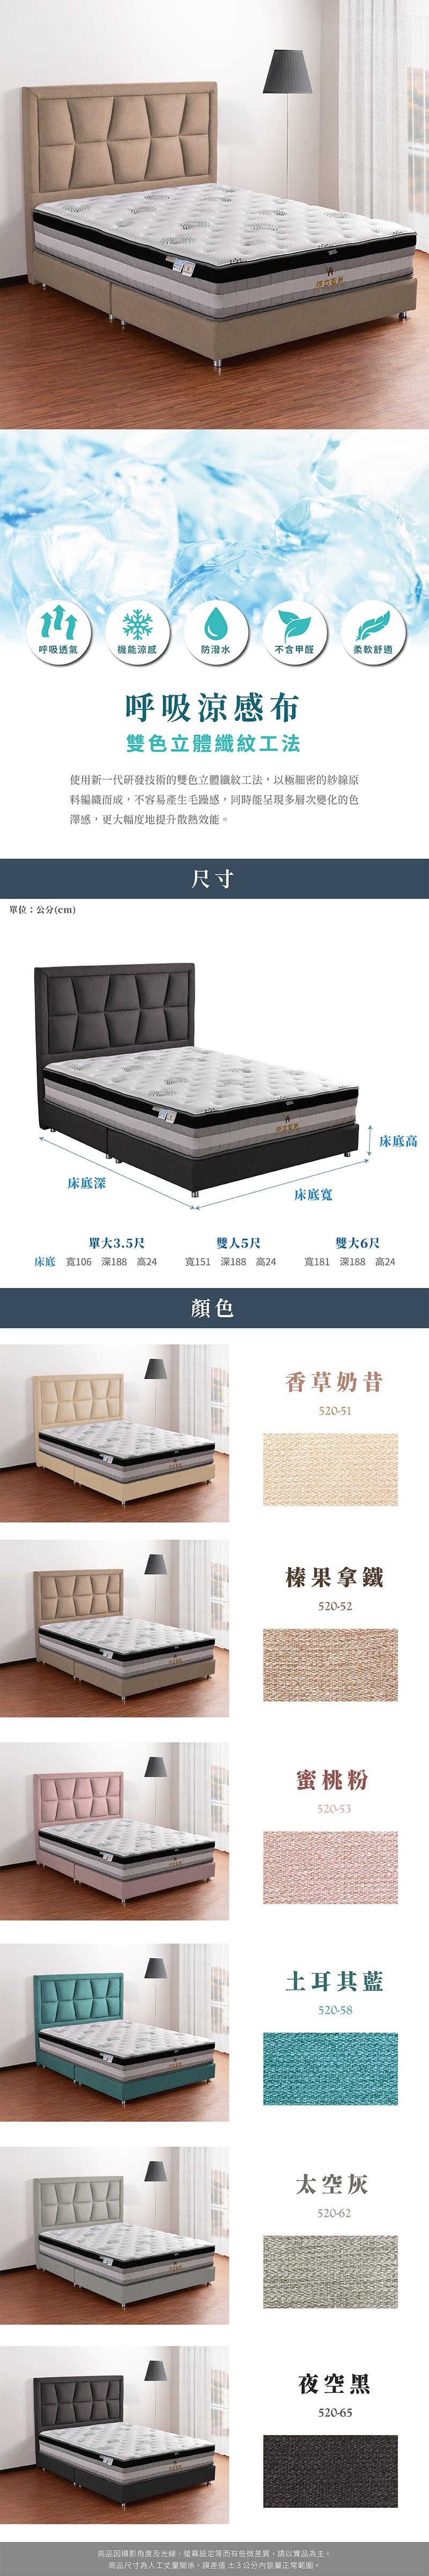 米德 涼感布床架 單人加大3.5尺